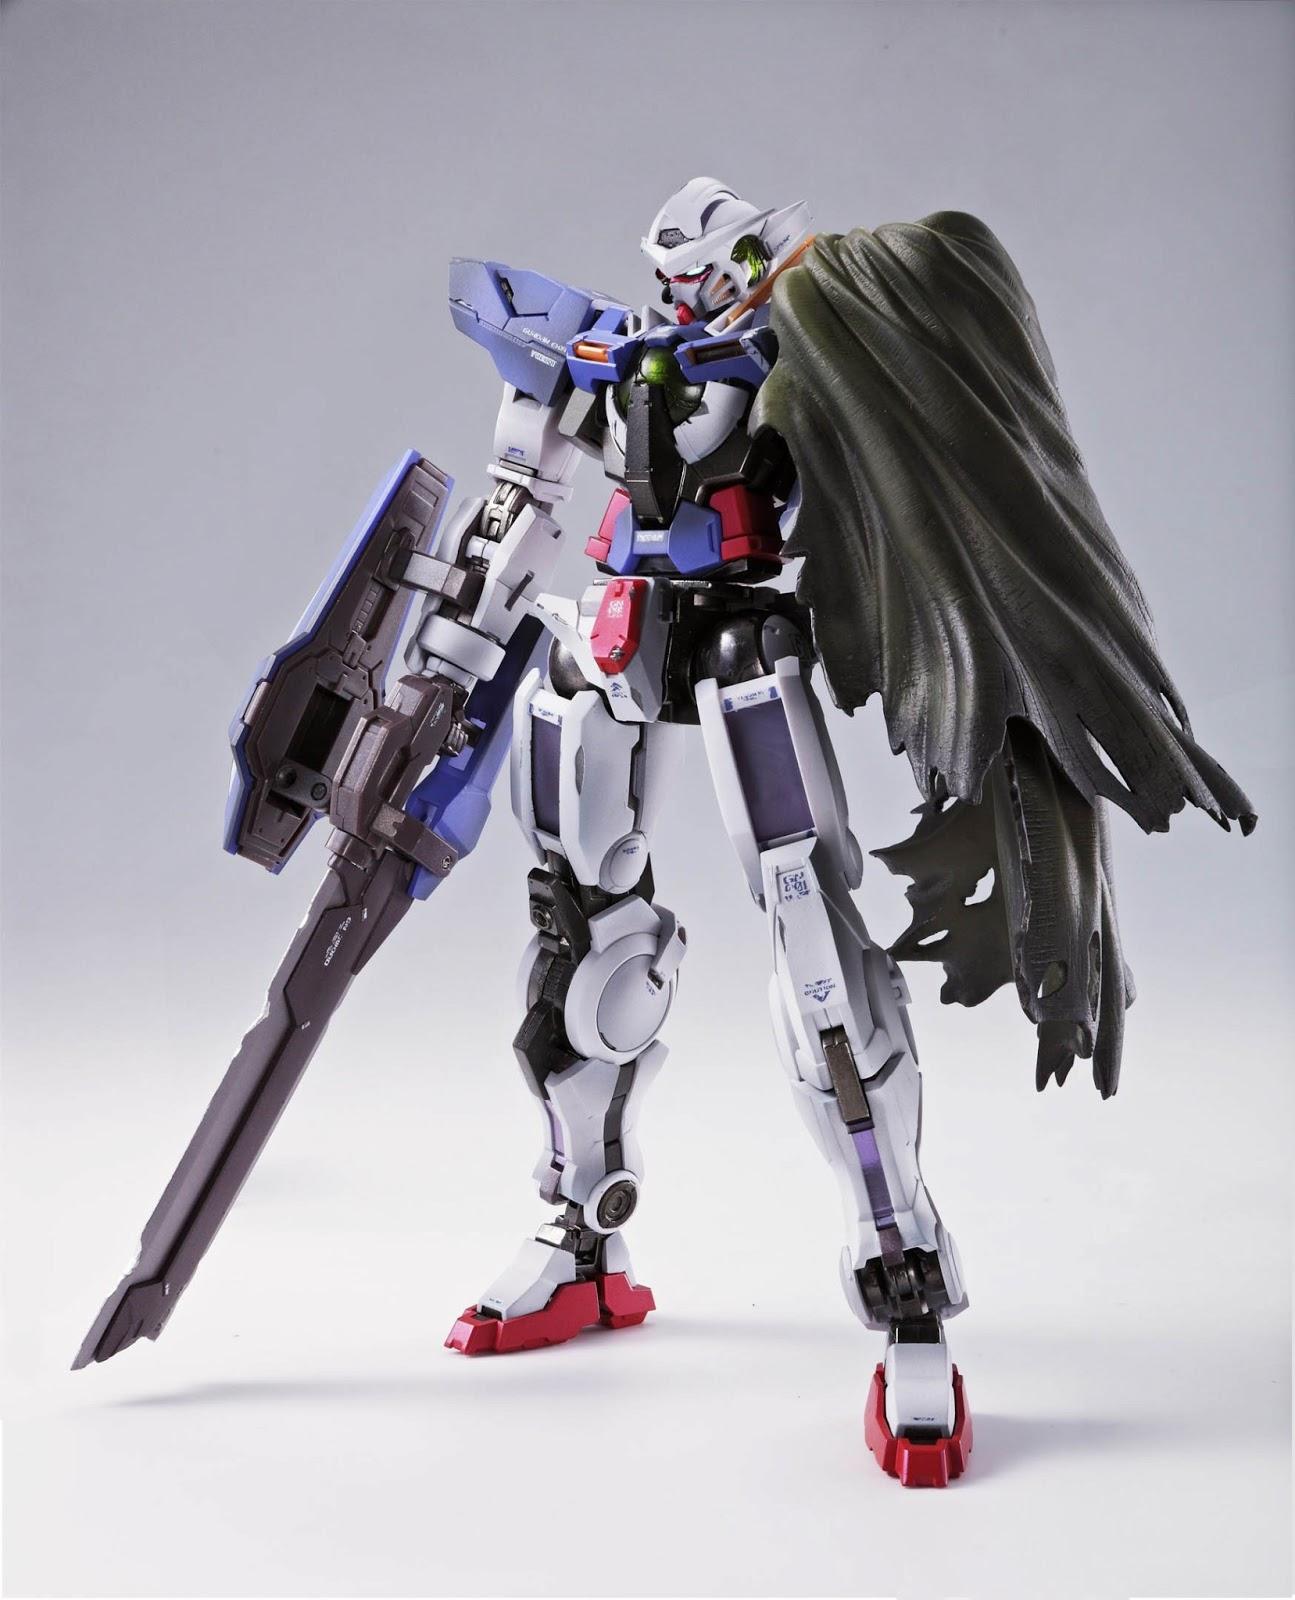 RG 1/144 Gundam Exia Extra Finish Ver. (Plastic Model ...  |Gundam Exia